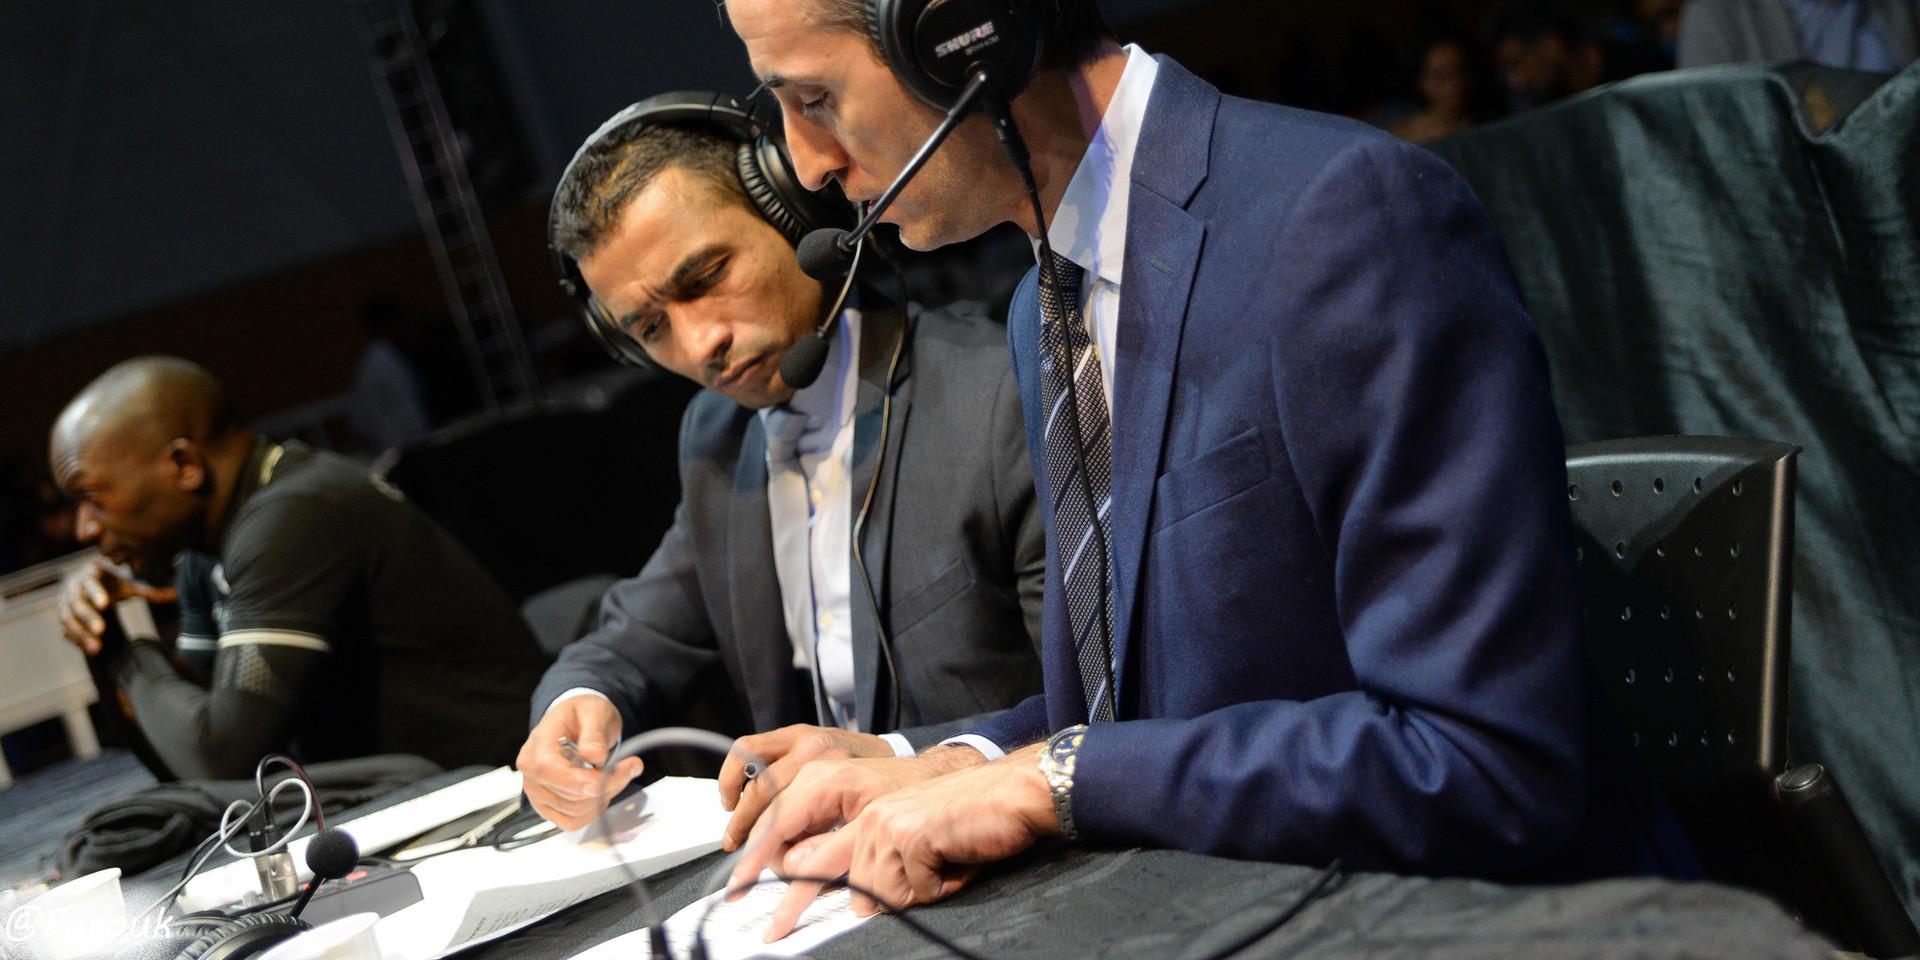 Les commentateurs RMC SPORT Kamel Kemili & Kamel Jemel